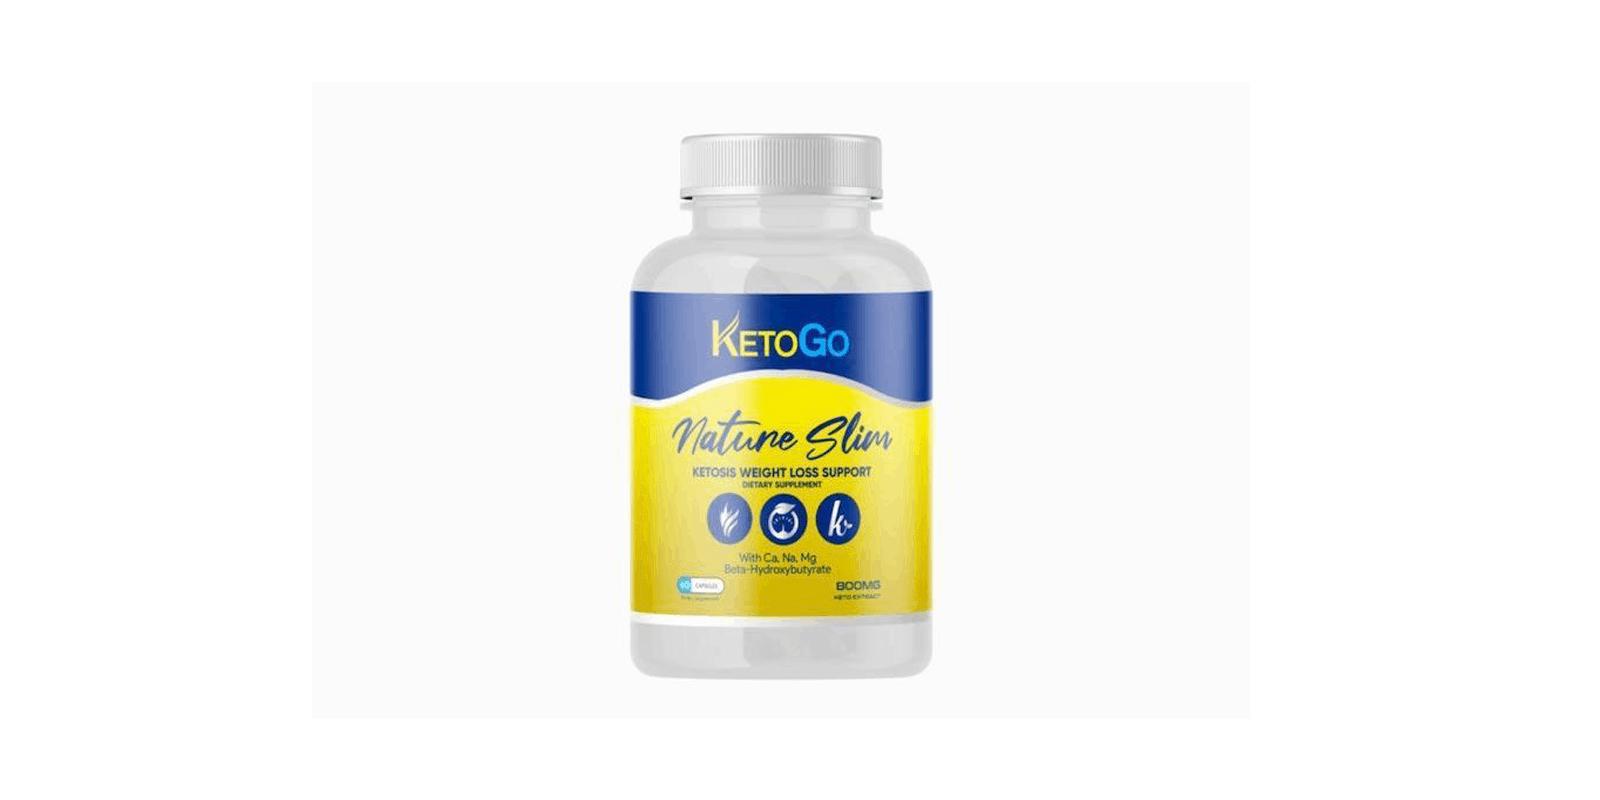 KetoGo Nature Slim reviews